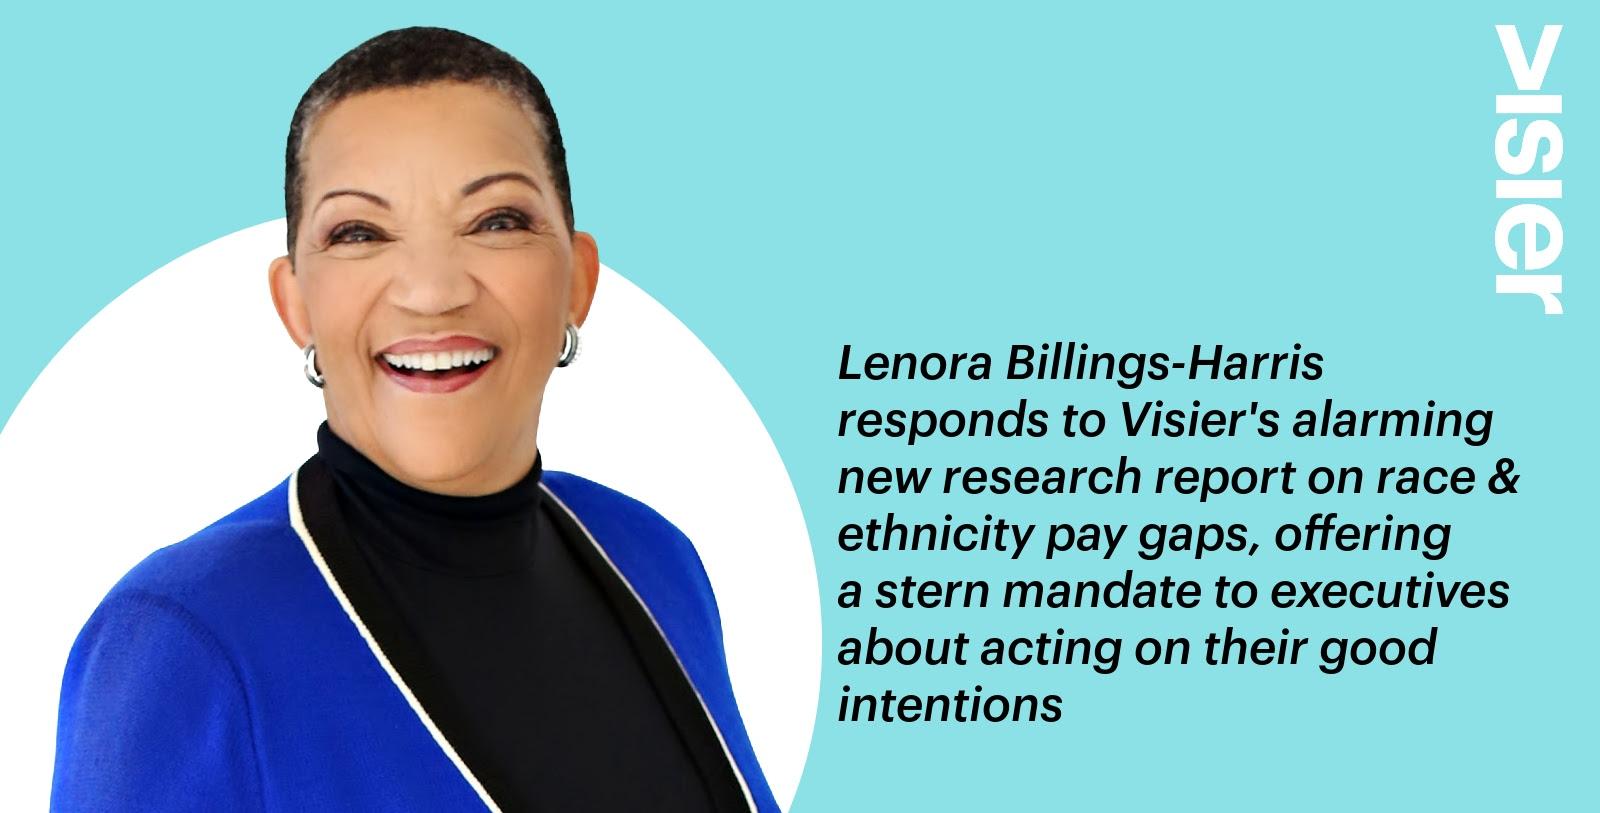 Lenora Billings-Harris